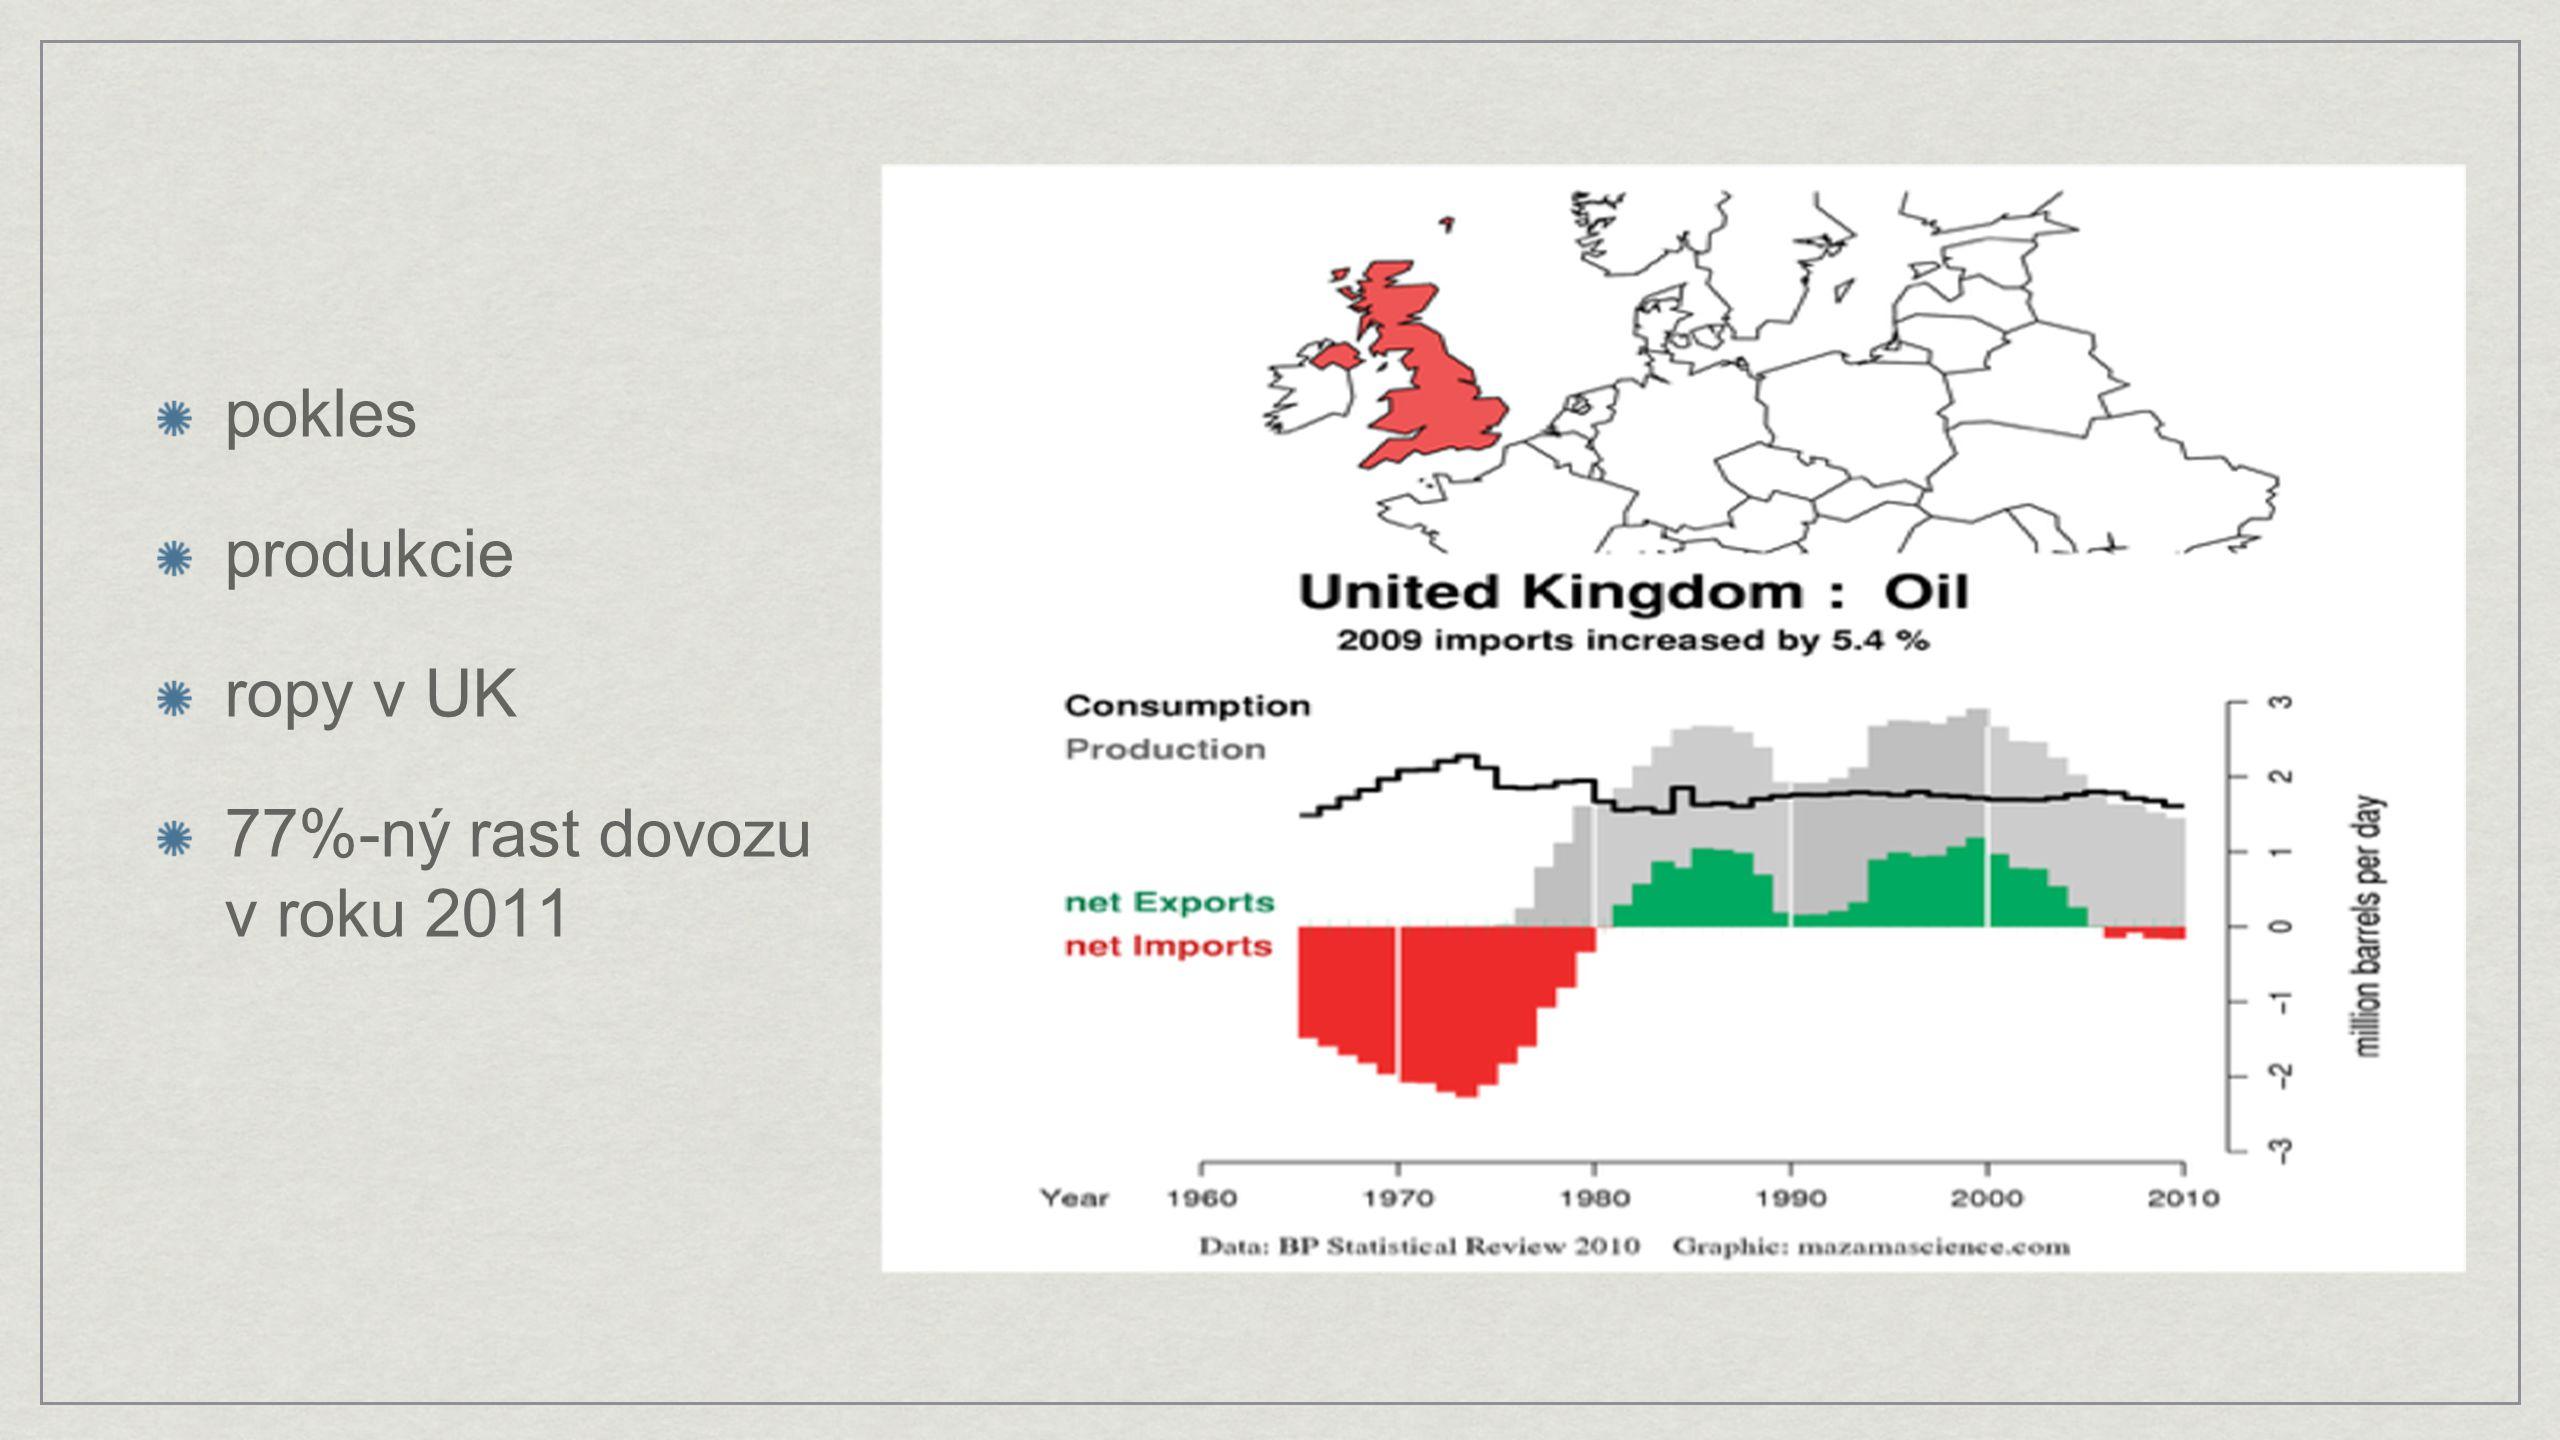 pokles produkcie ropy v UK 77%-ný rast dovozu v roku 2011